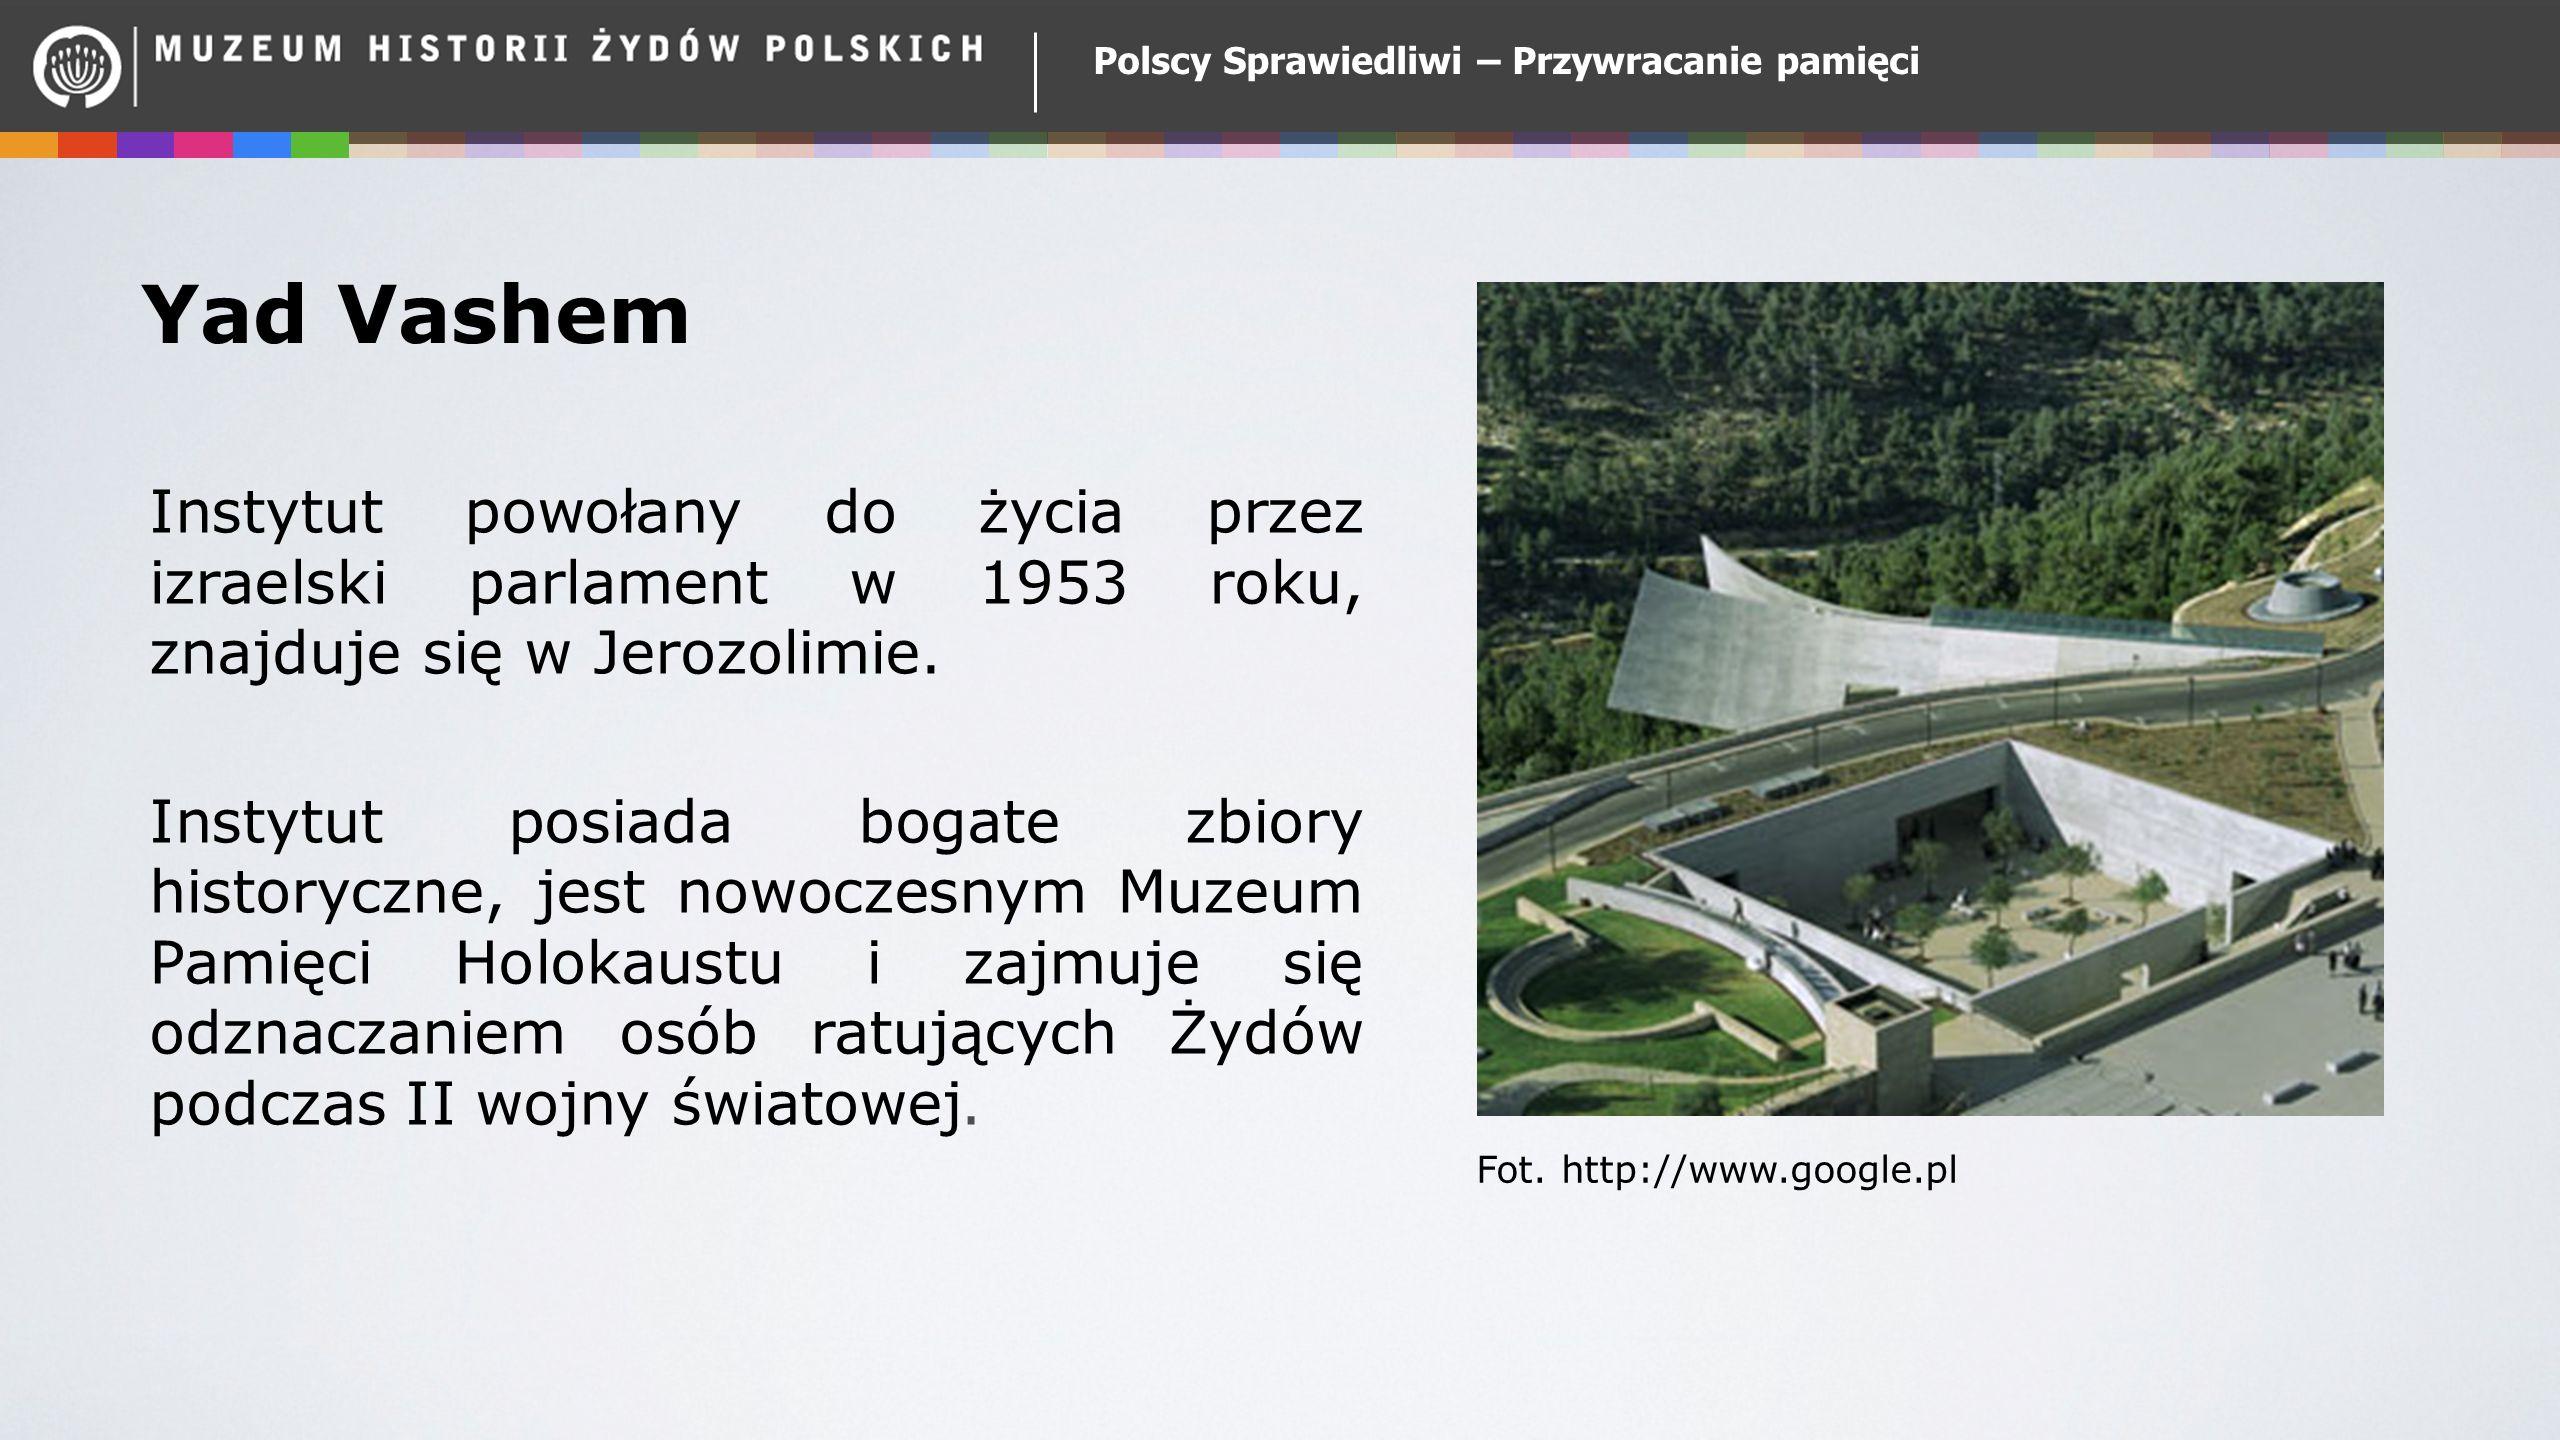 Polscy Sprawiedliwi – Przywracanie pamięci 5.